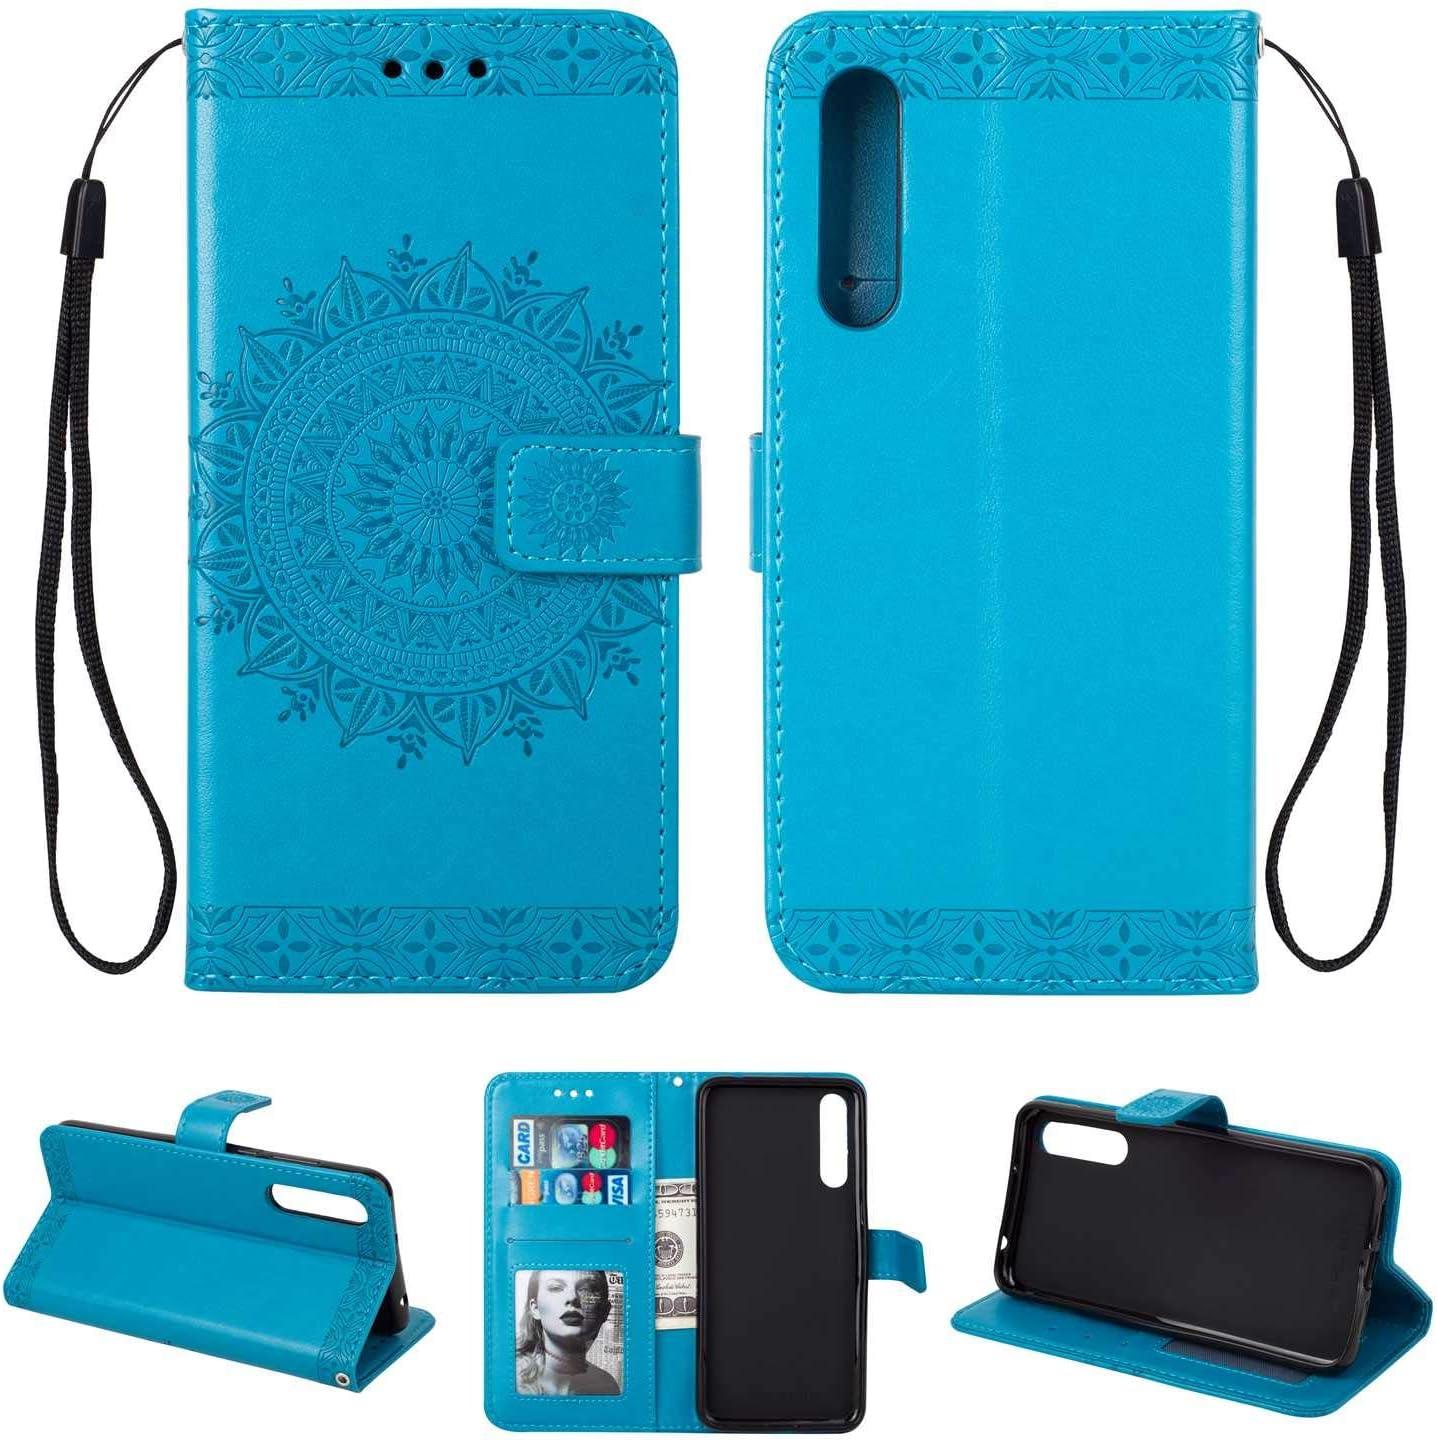 Rose Coque Huawei P20 Pro SONWO Gaufrage Mandala Motif Housse Cuir PU Flip Portefeuille Etui avec Portable Dragonne et Carte de Cr/édit Slot pour Huawei P20 Pro